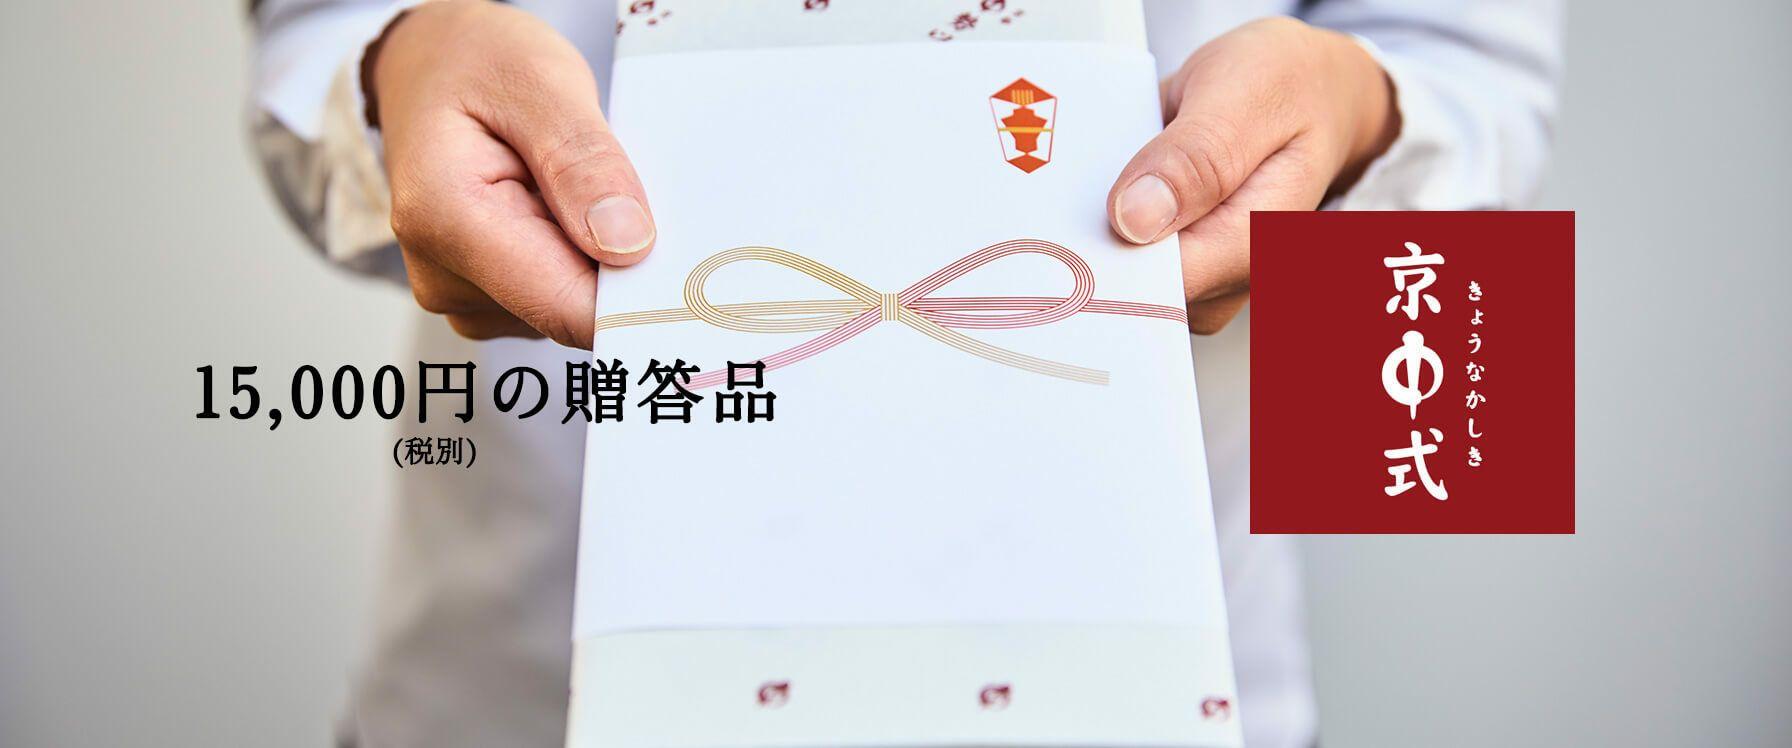 15,000円の贈答品